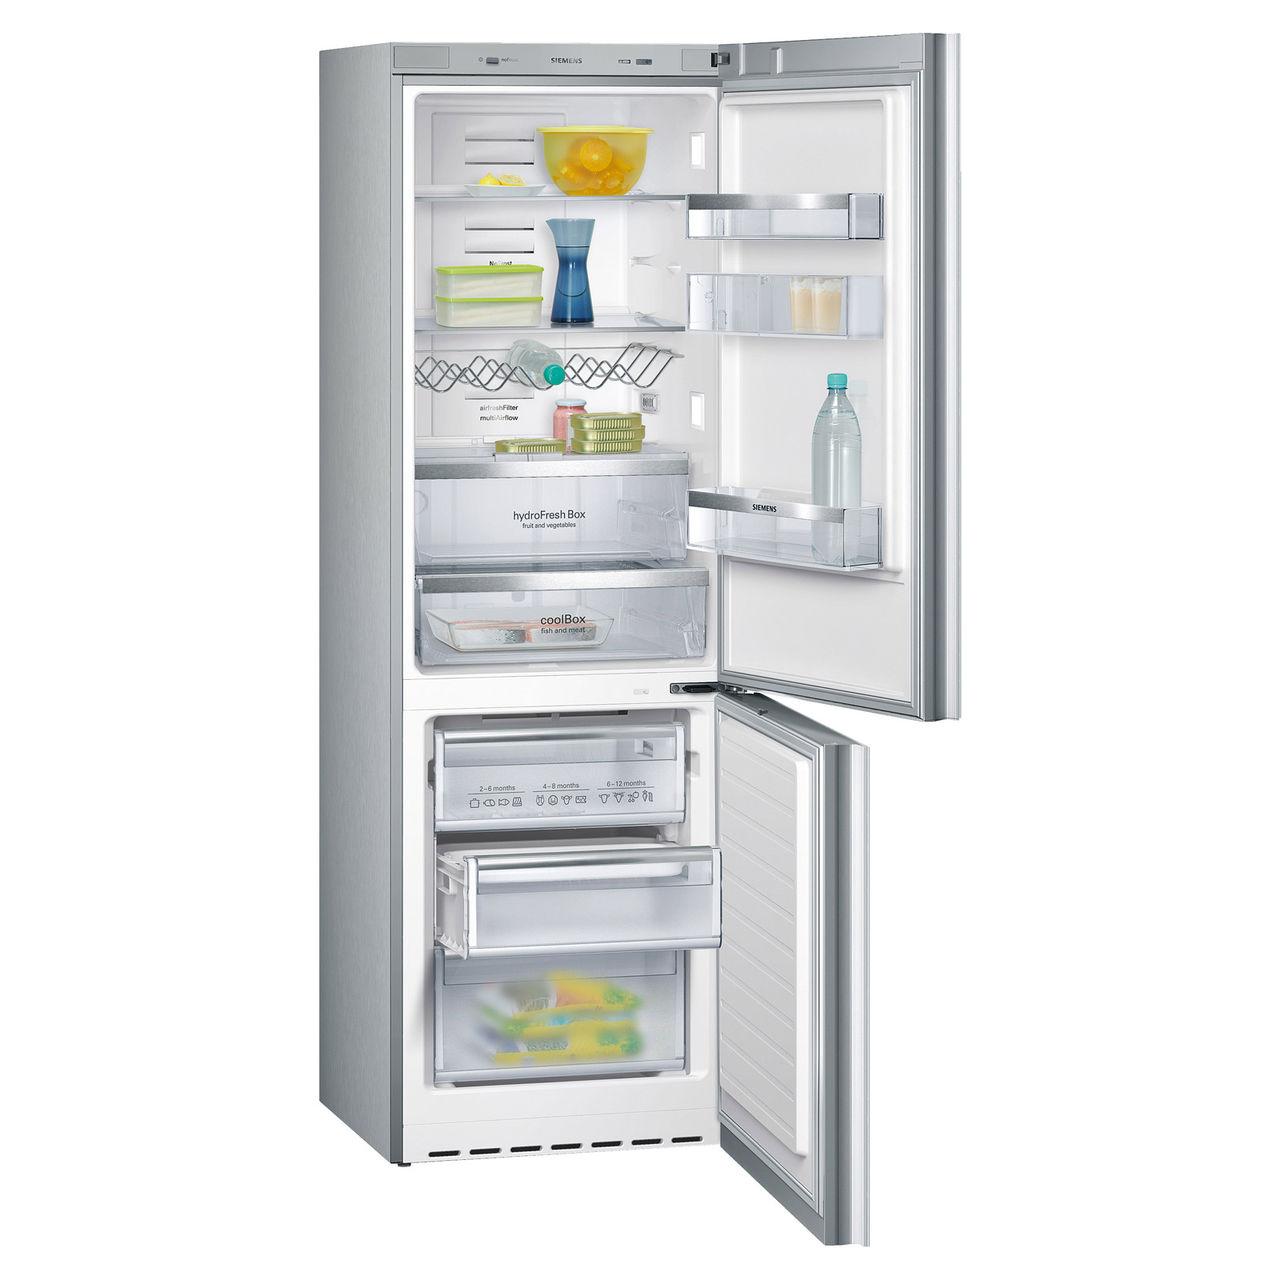 Сименс холодильник ремонт